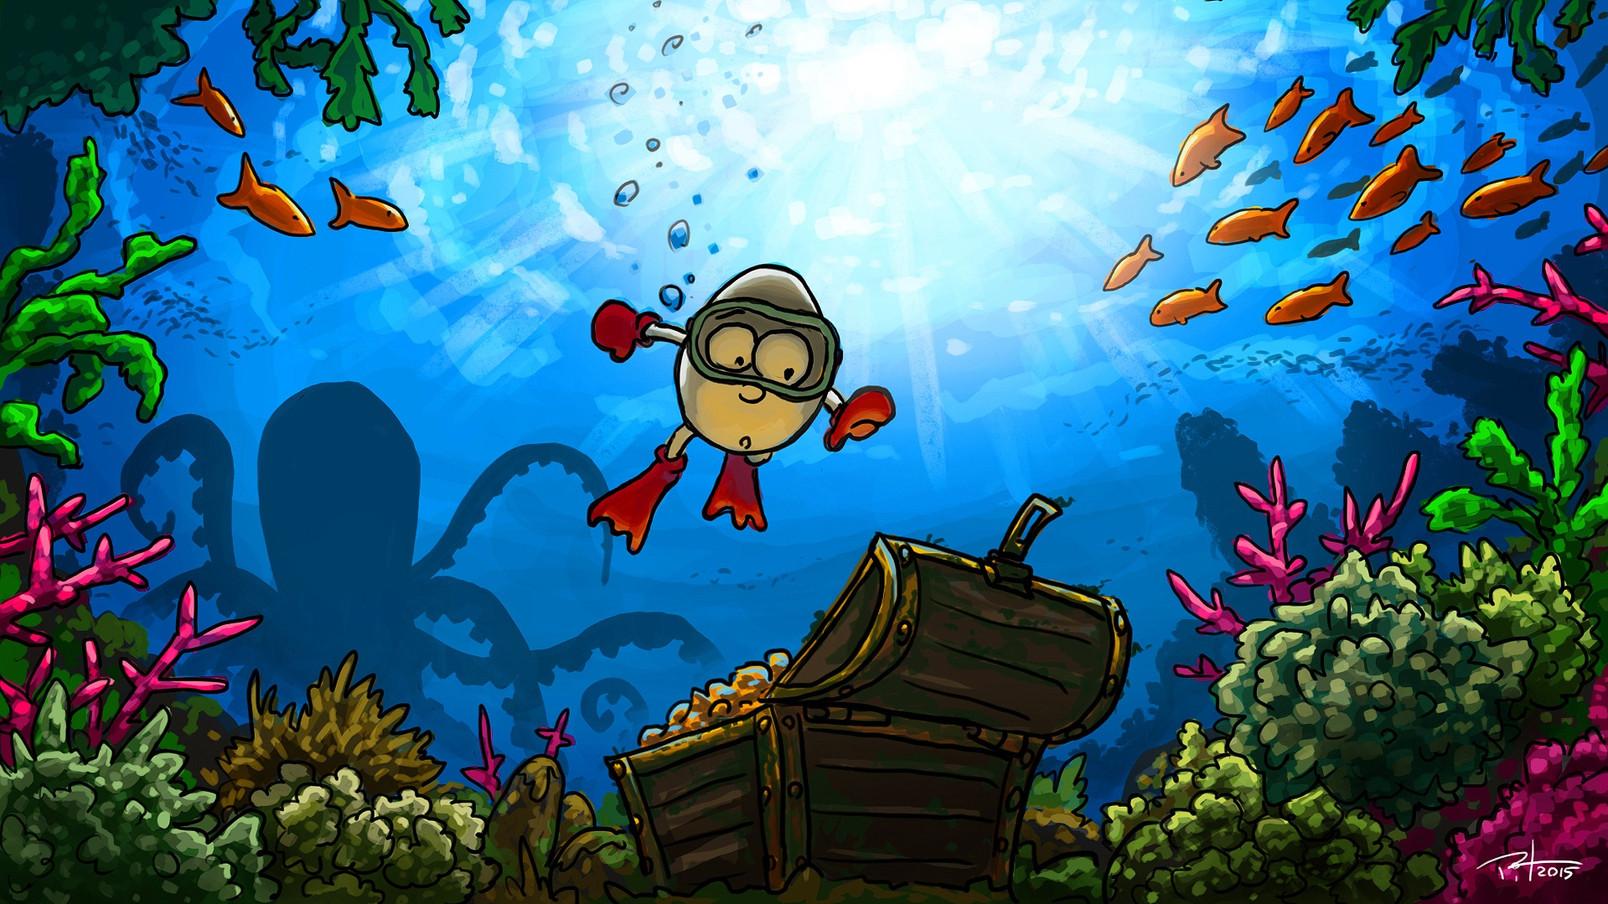 Pit_DizzySwimmingForTreasure.jpg